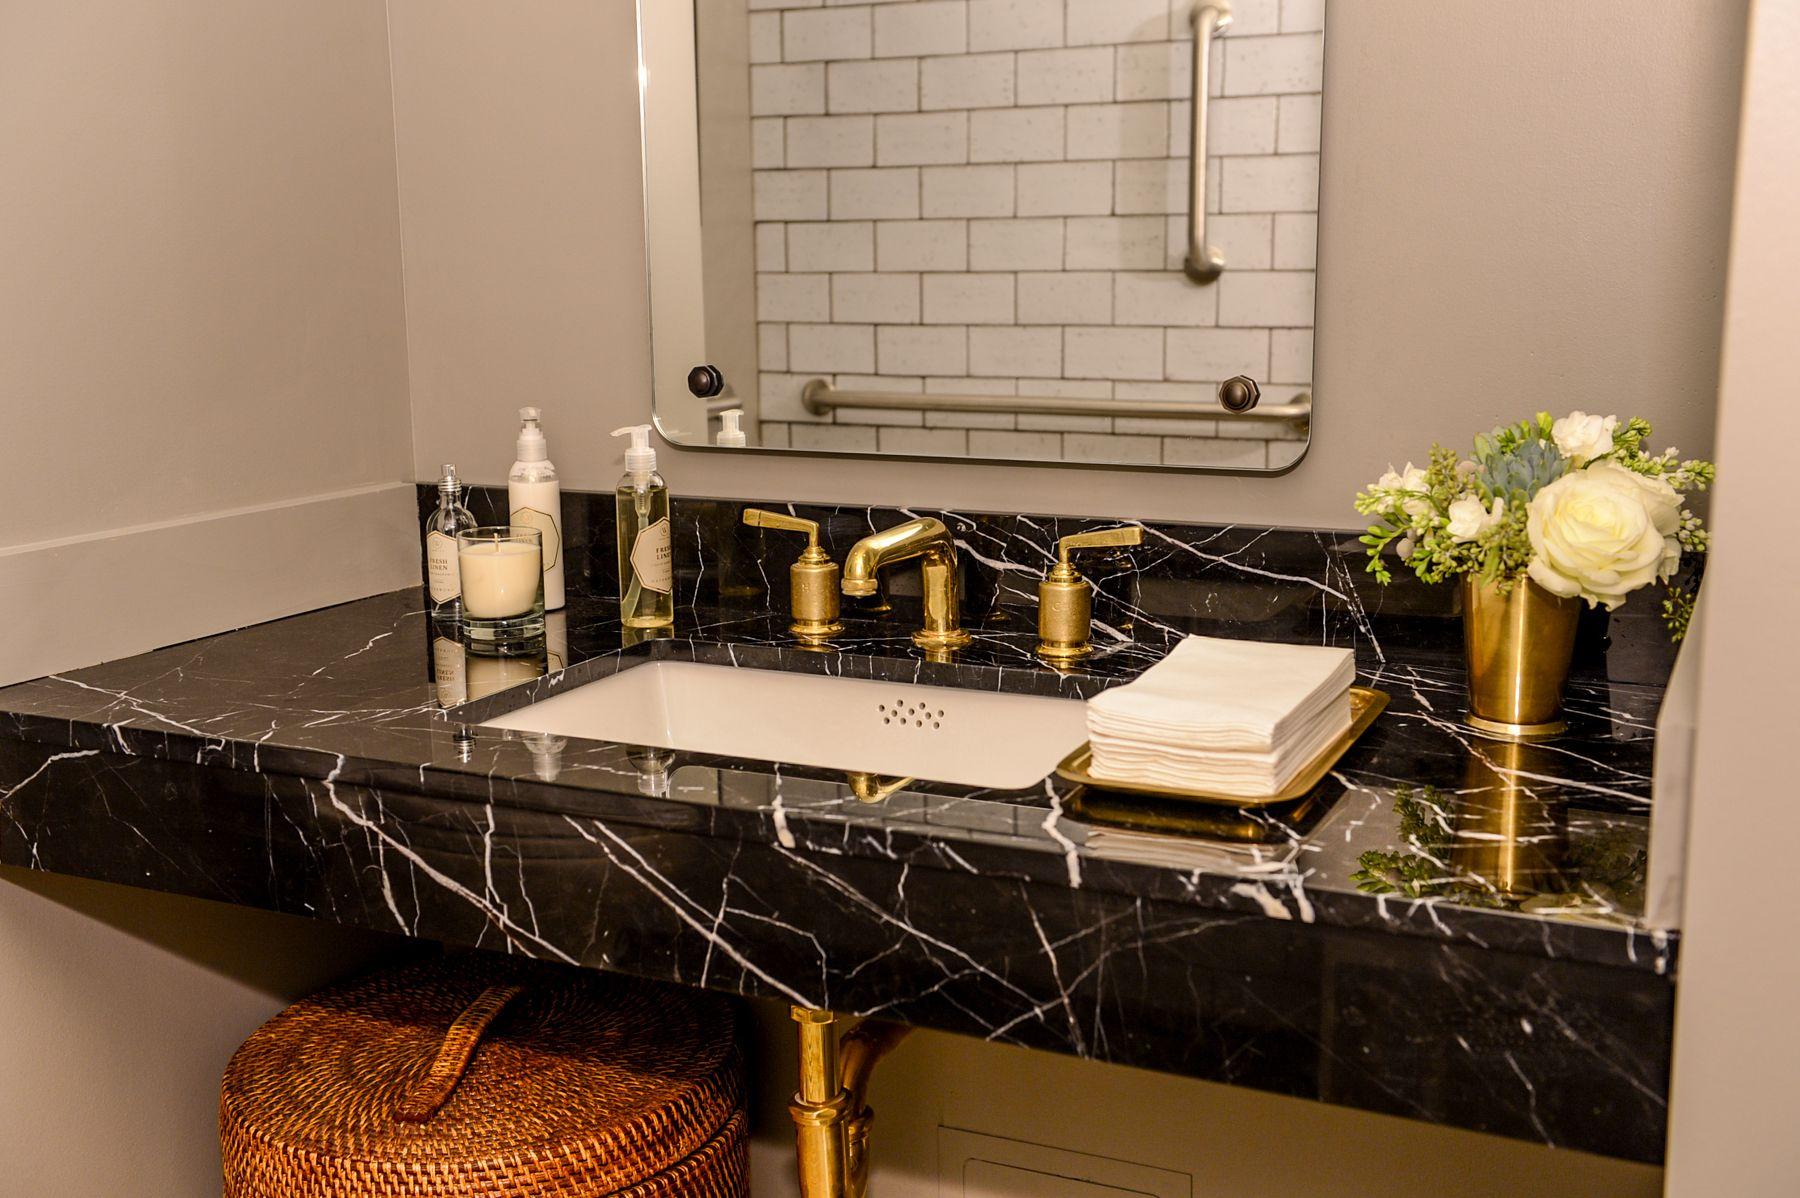 Rw atlas faucet in the dallas showroom r w atlas - Bathroom design showroom dallas tx ...